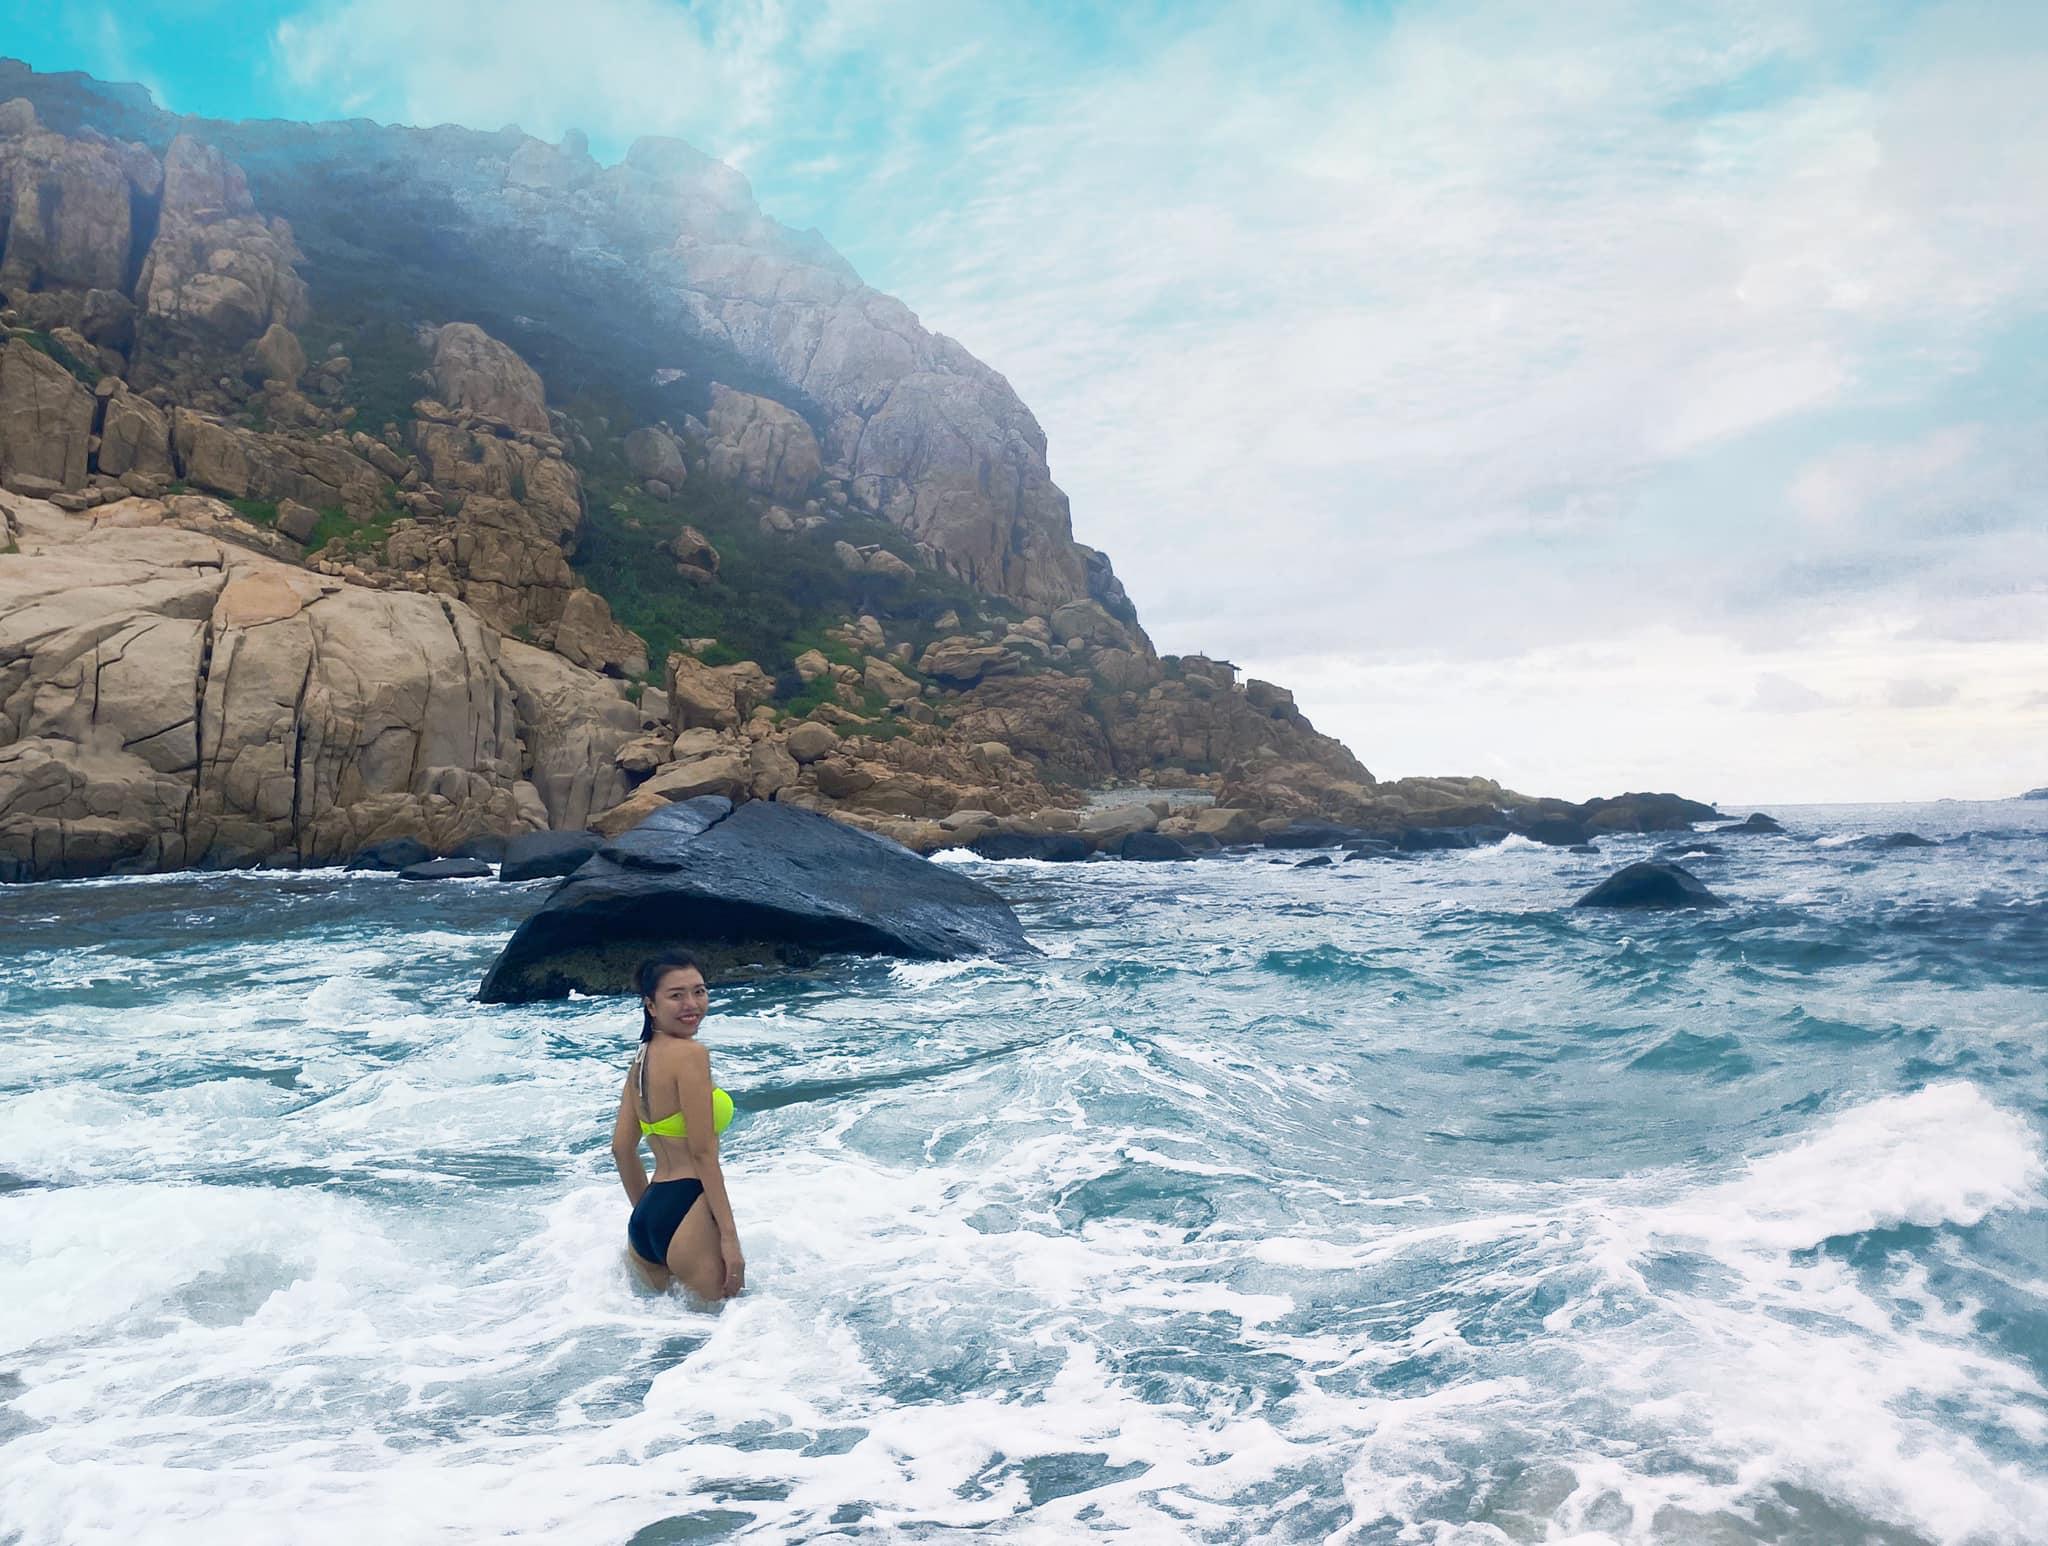 Vịnh Vĩnh Hy – 1 trong 4 vịnh đẹp nhất Việt Nam, tuân cuồng chân, tuancuongchan, dulichchat, du lịch chất